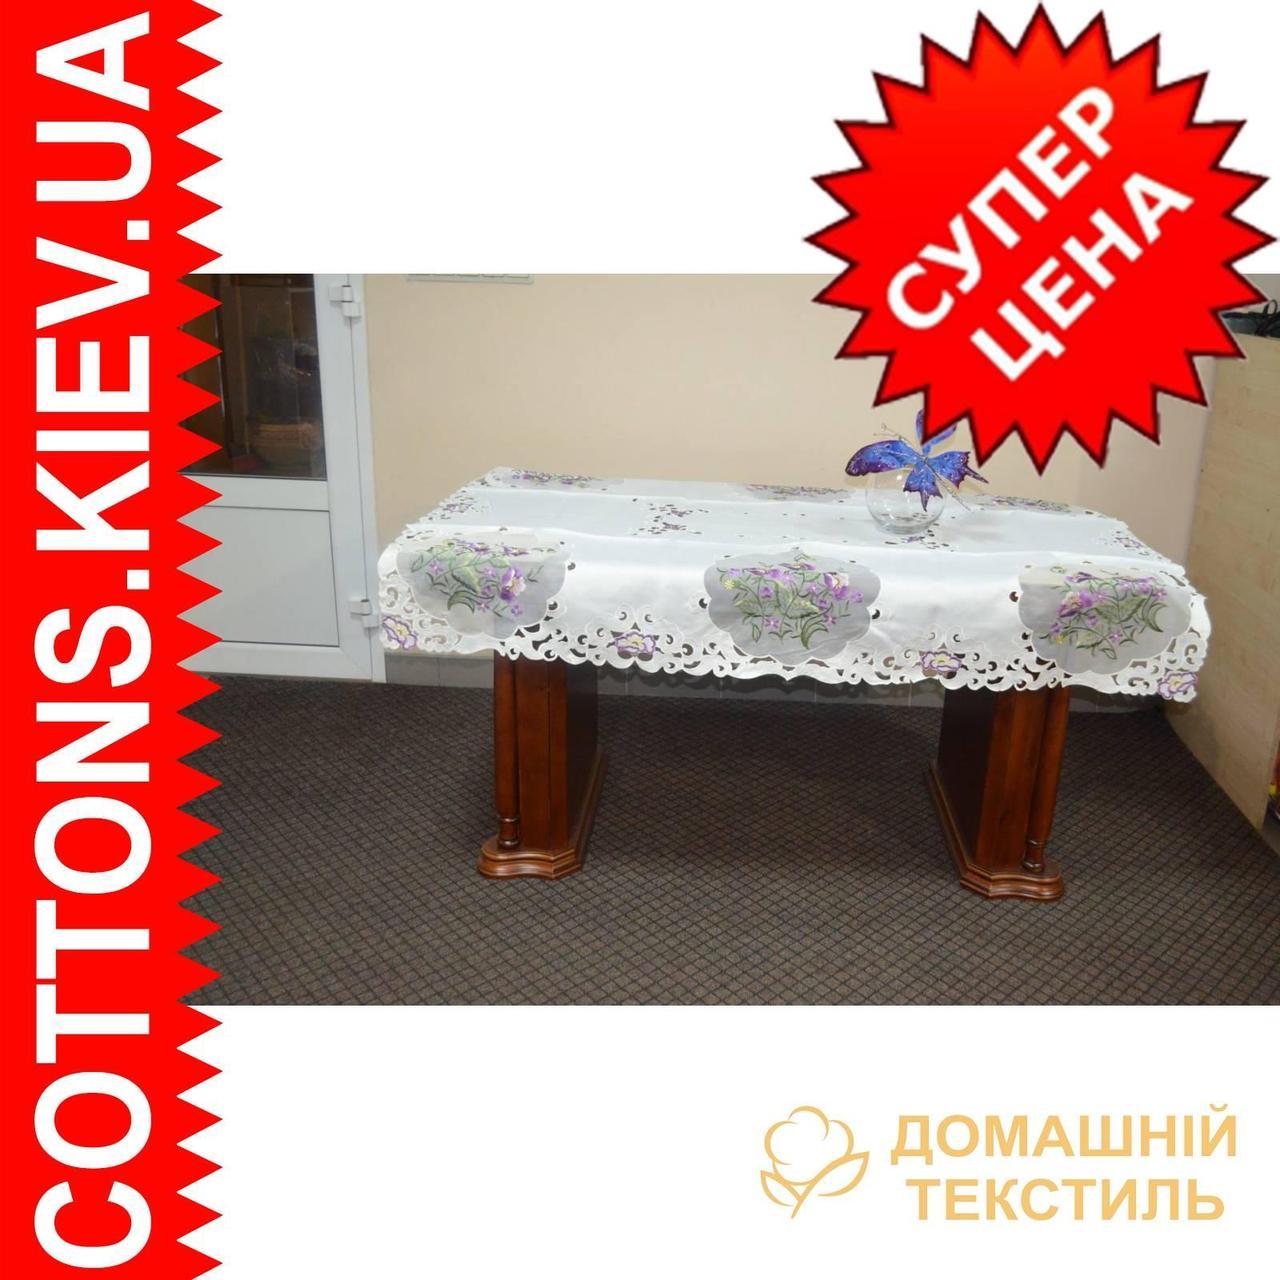 Скатерть на кухонный стол170*130obGR-10HD-632 - Стиль, комфорт, уют - Cottons в Хмельницком